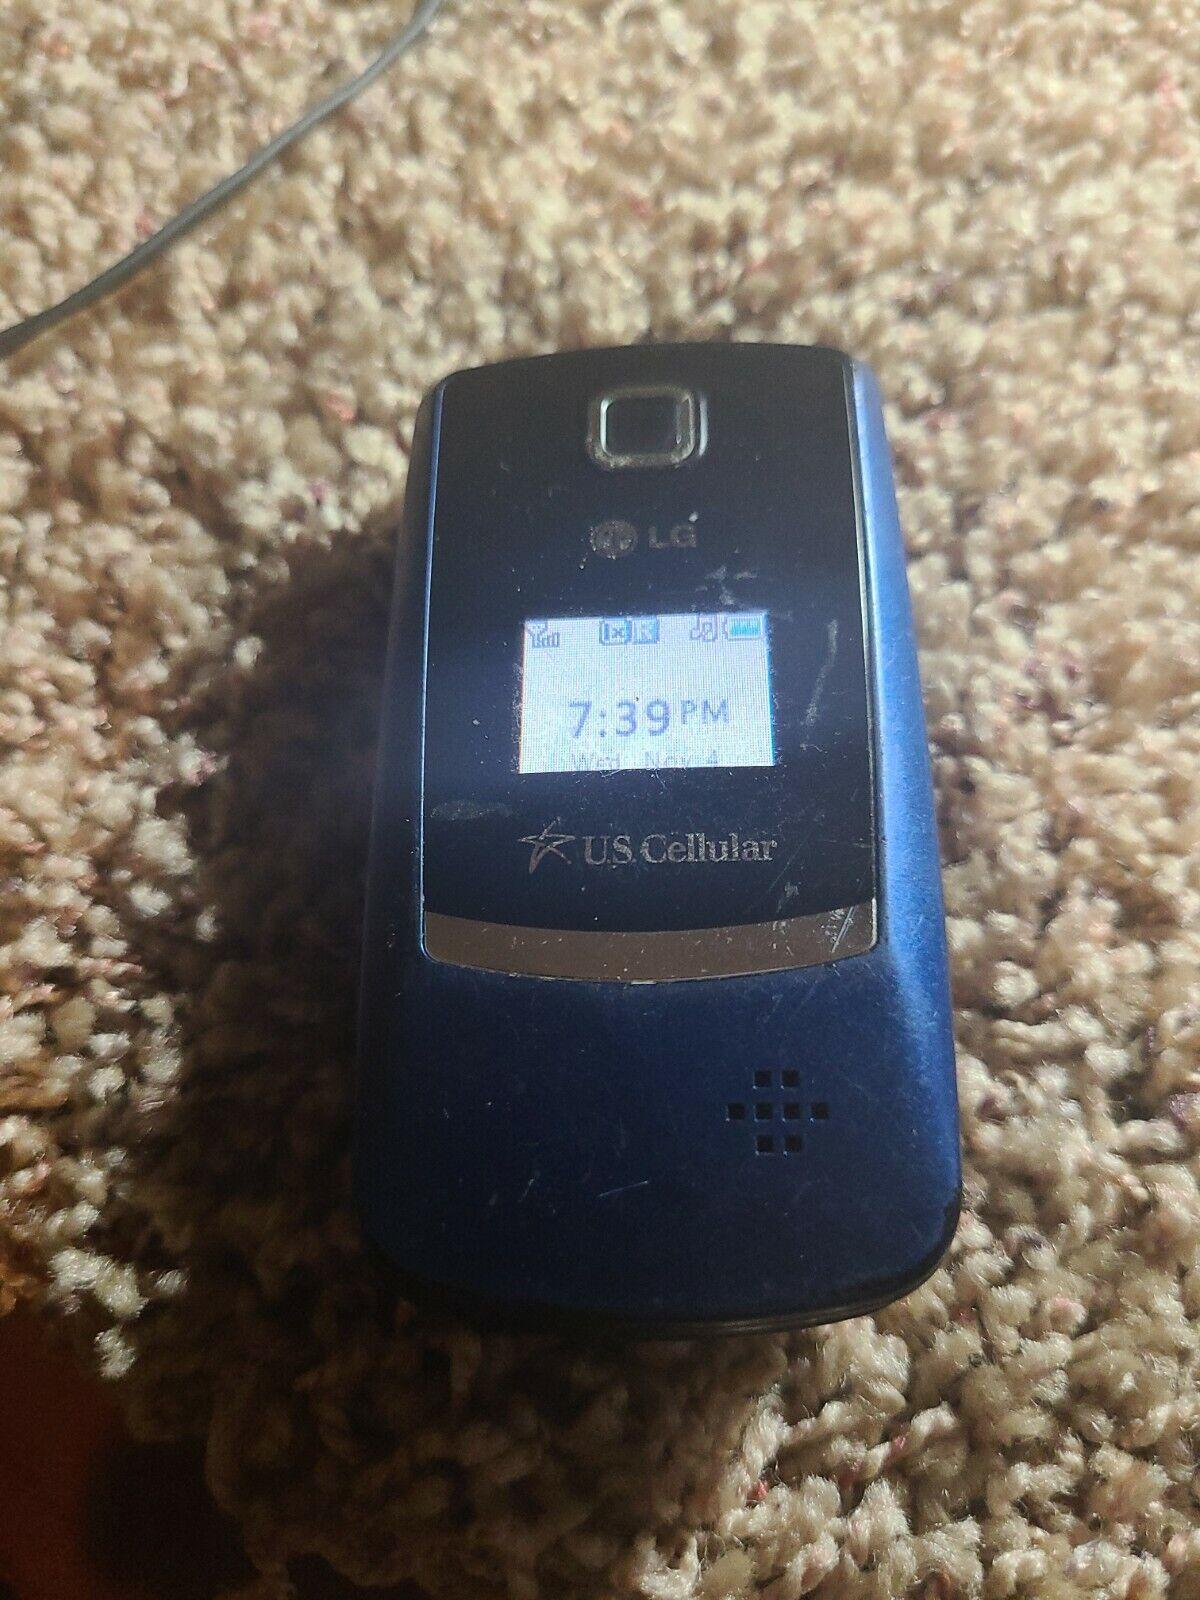 Lg Ux300 Blue U S Cellular Cellular Phone 0652810113779 For Sale Online